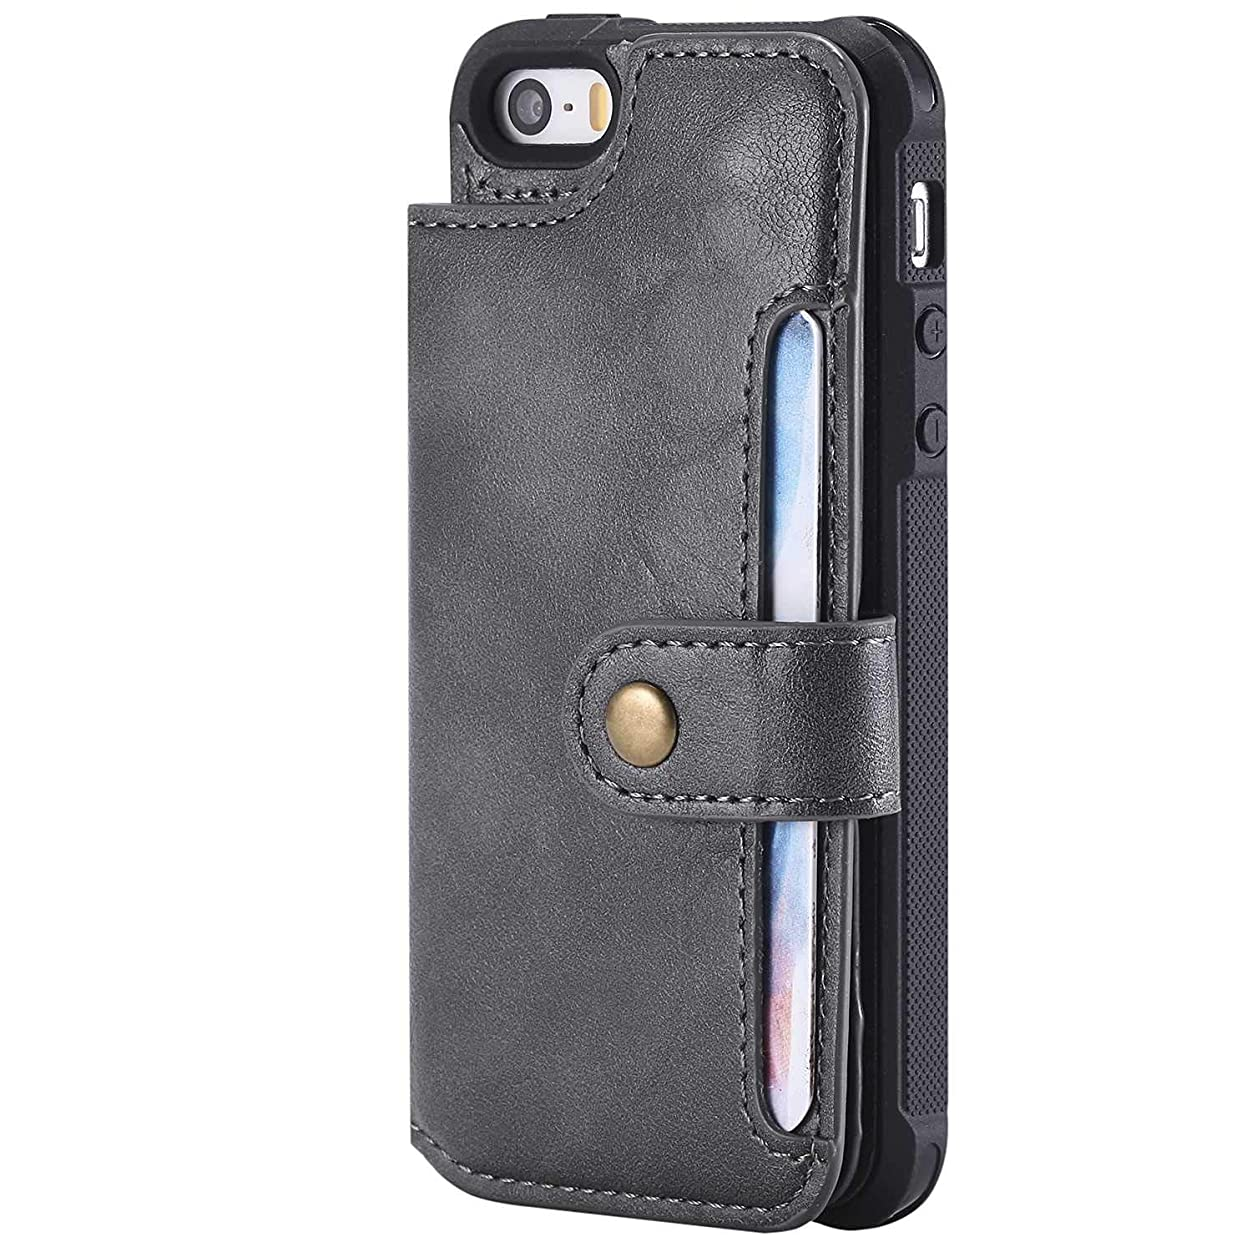 オーナメント兵器庫以下iPhone SE/iPhone 5 5s 手帳型 ケース, CUSKING 保護ケース 軽量 薄型 カードポケット付き Apple iPhone SE/iPhone 5 5s 財布型 カバー ノート型 PU レザー ケース, グレー